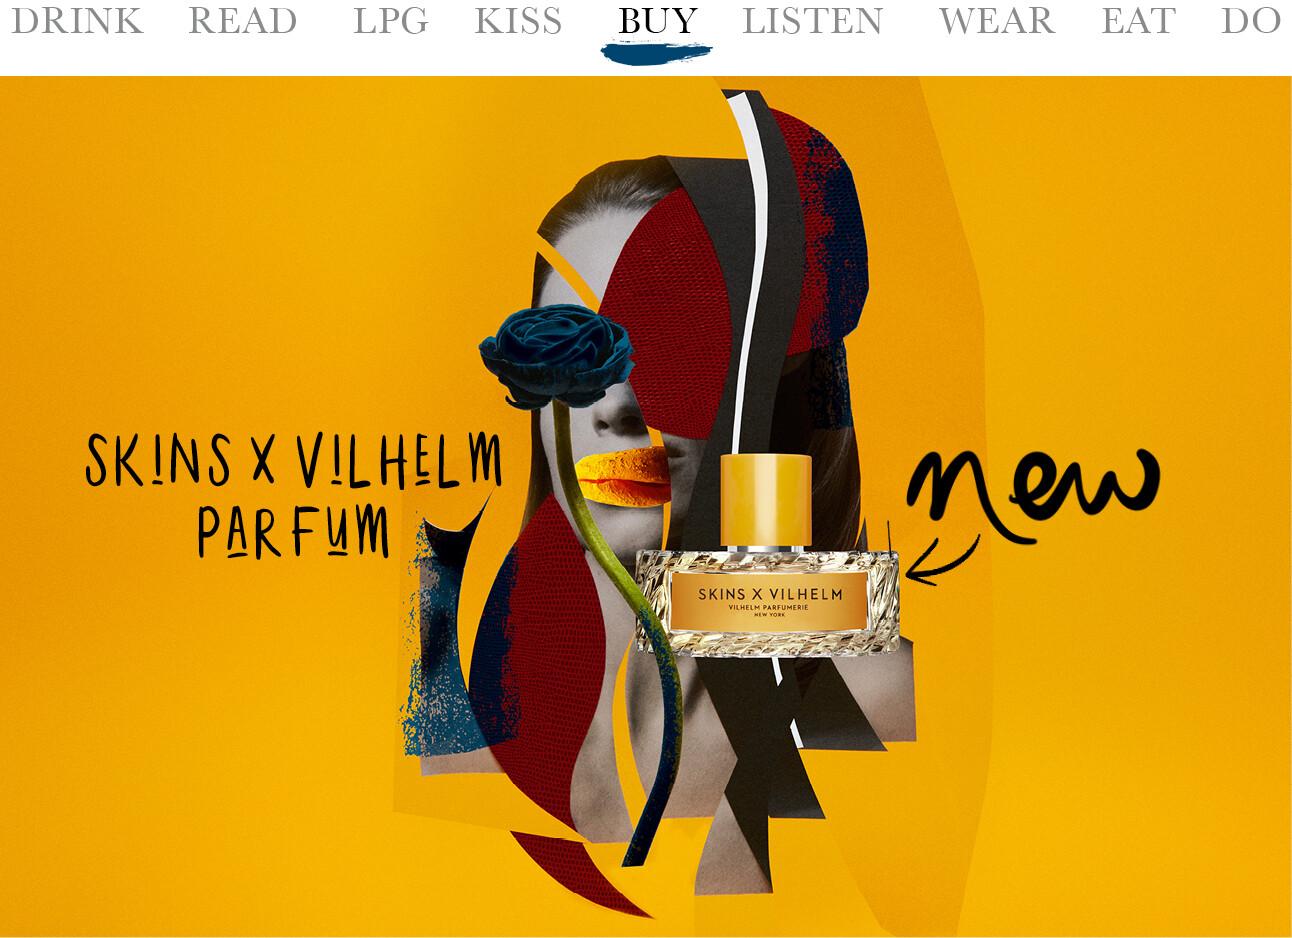 : Skins x Vilhelm parfum